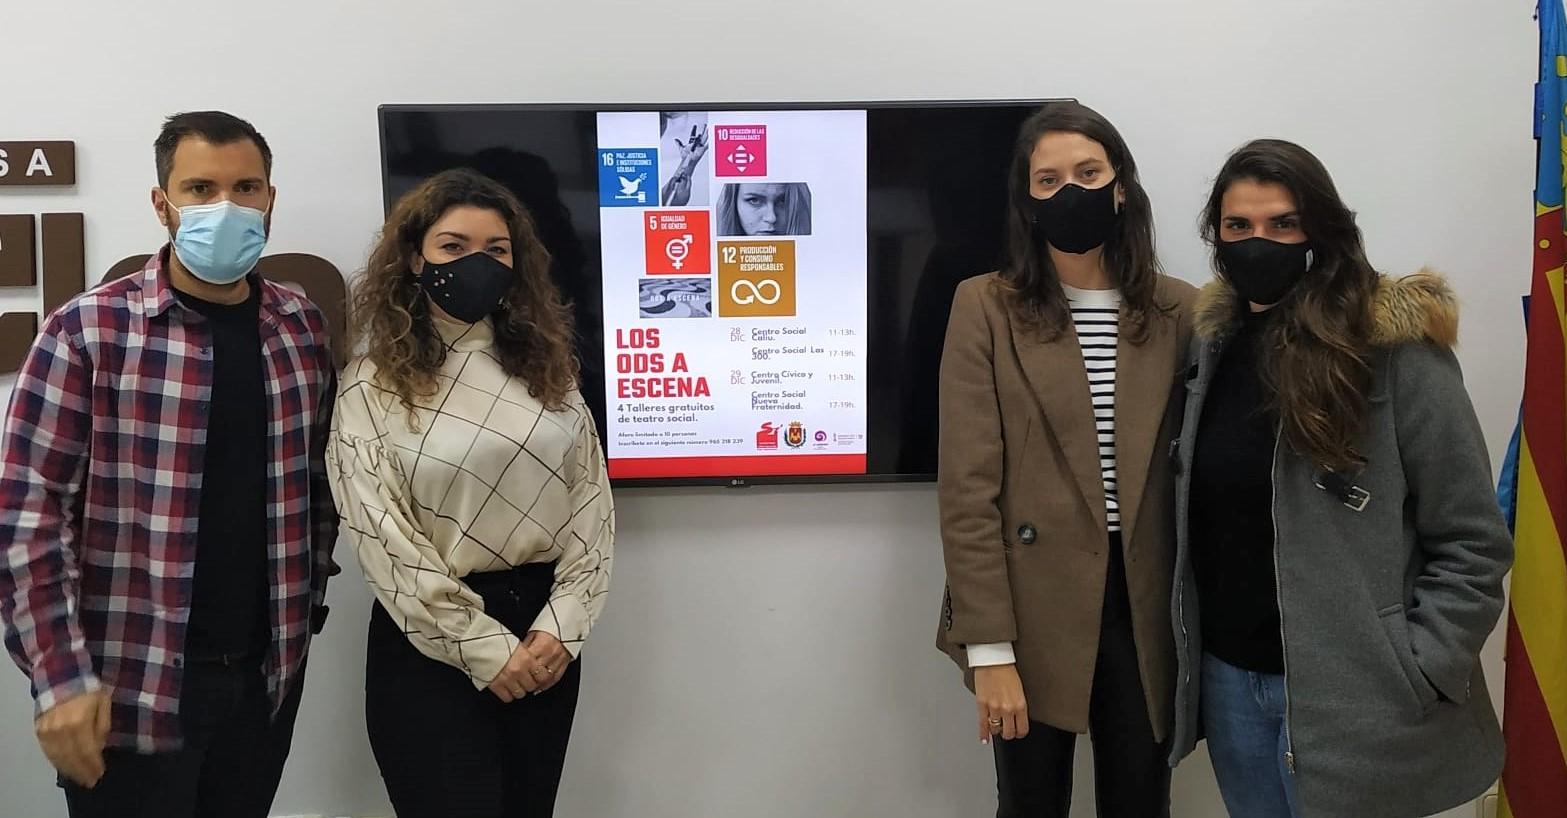 El Ayuntamiento de Elda organiza unos talleres de teatro para difundir los ODS y la Agenda 2030 entre la juventud de la ciudad